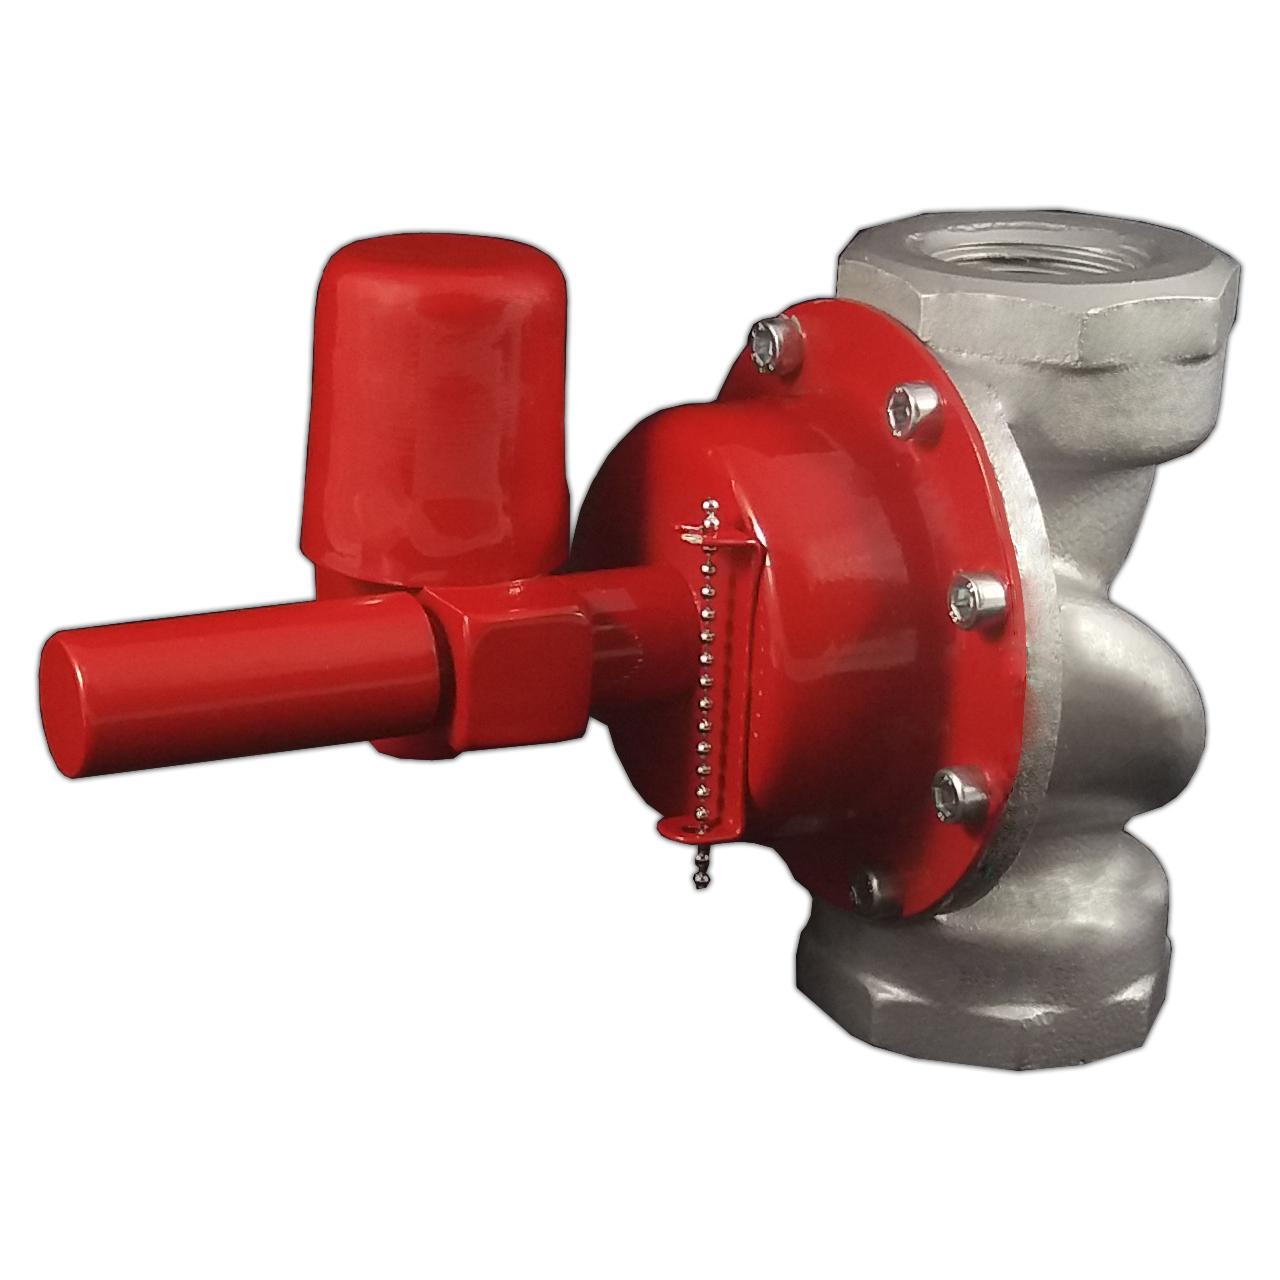 دستگاه قطع کن اتوماتیک جریان گاز زلزله طنین توسعه پارس مدل UD1E2P